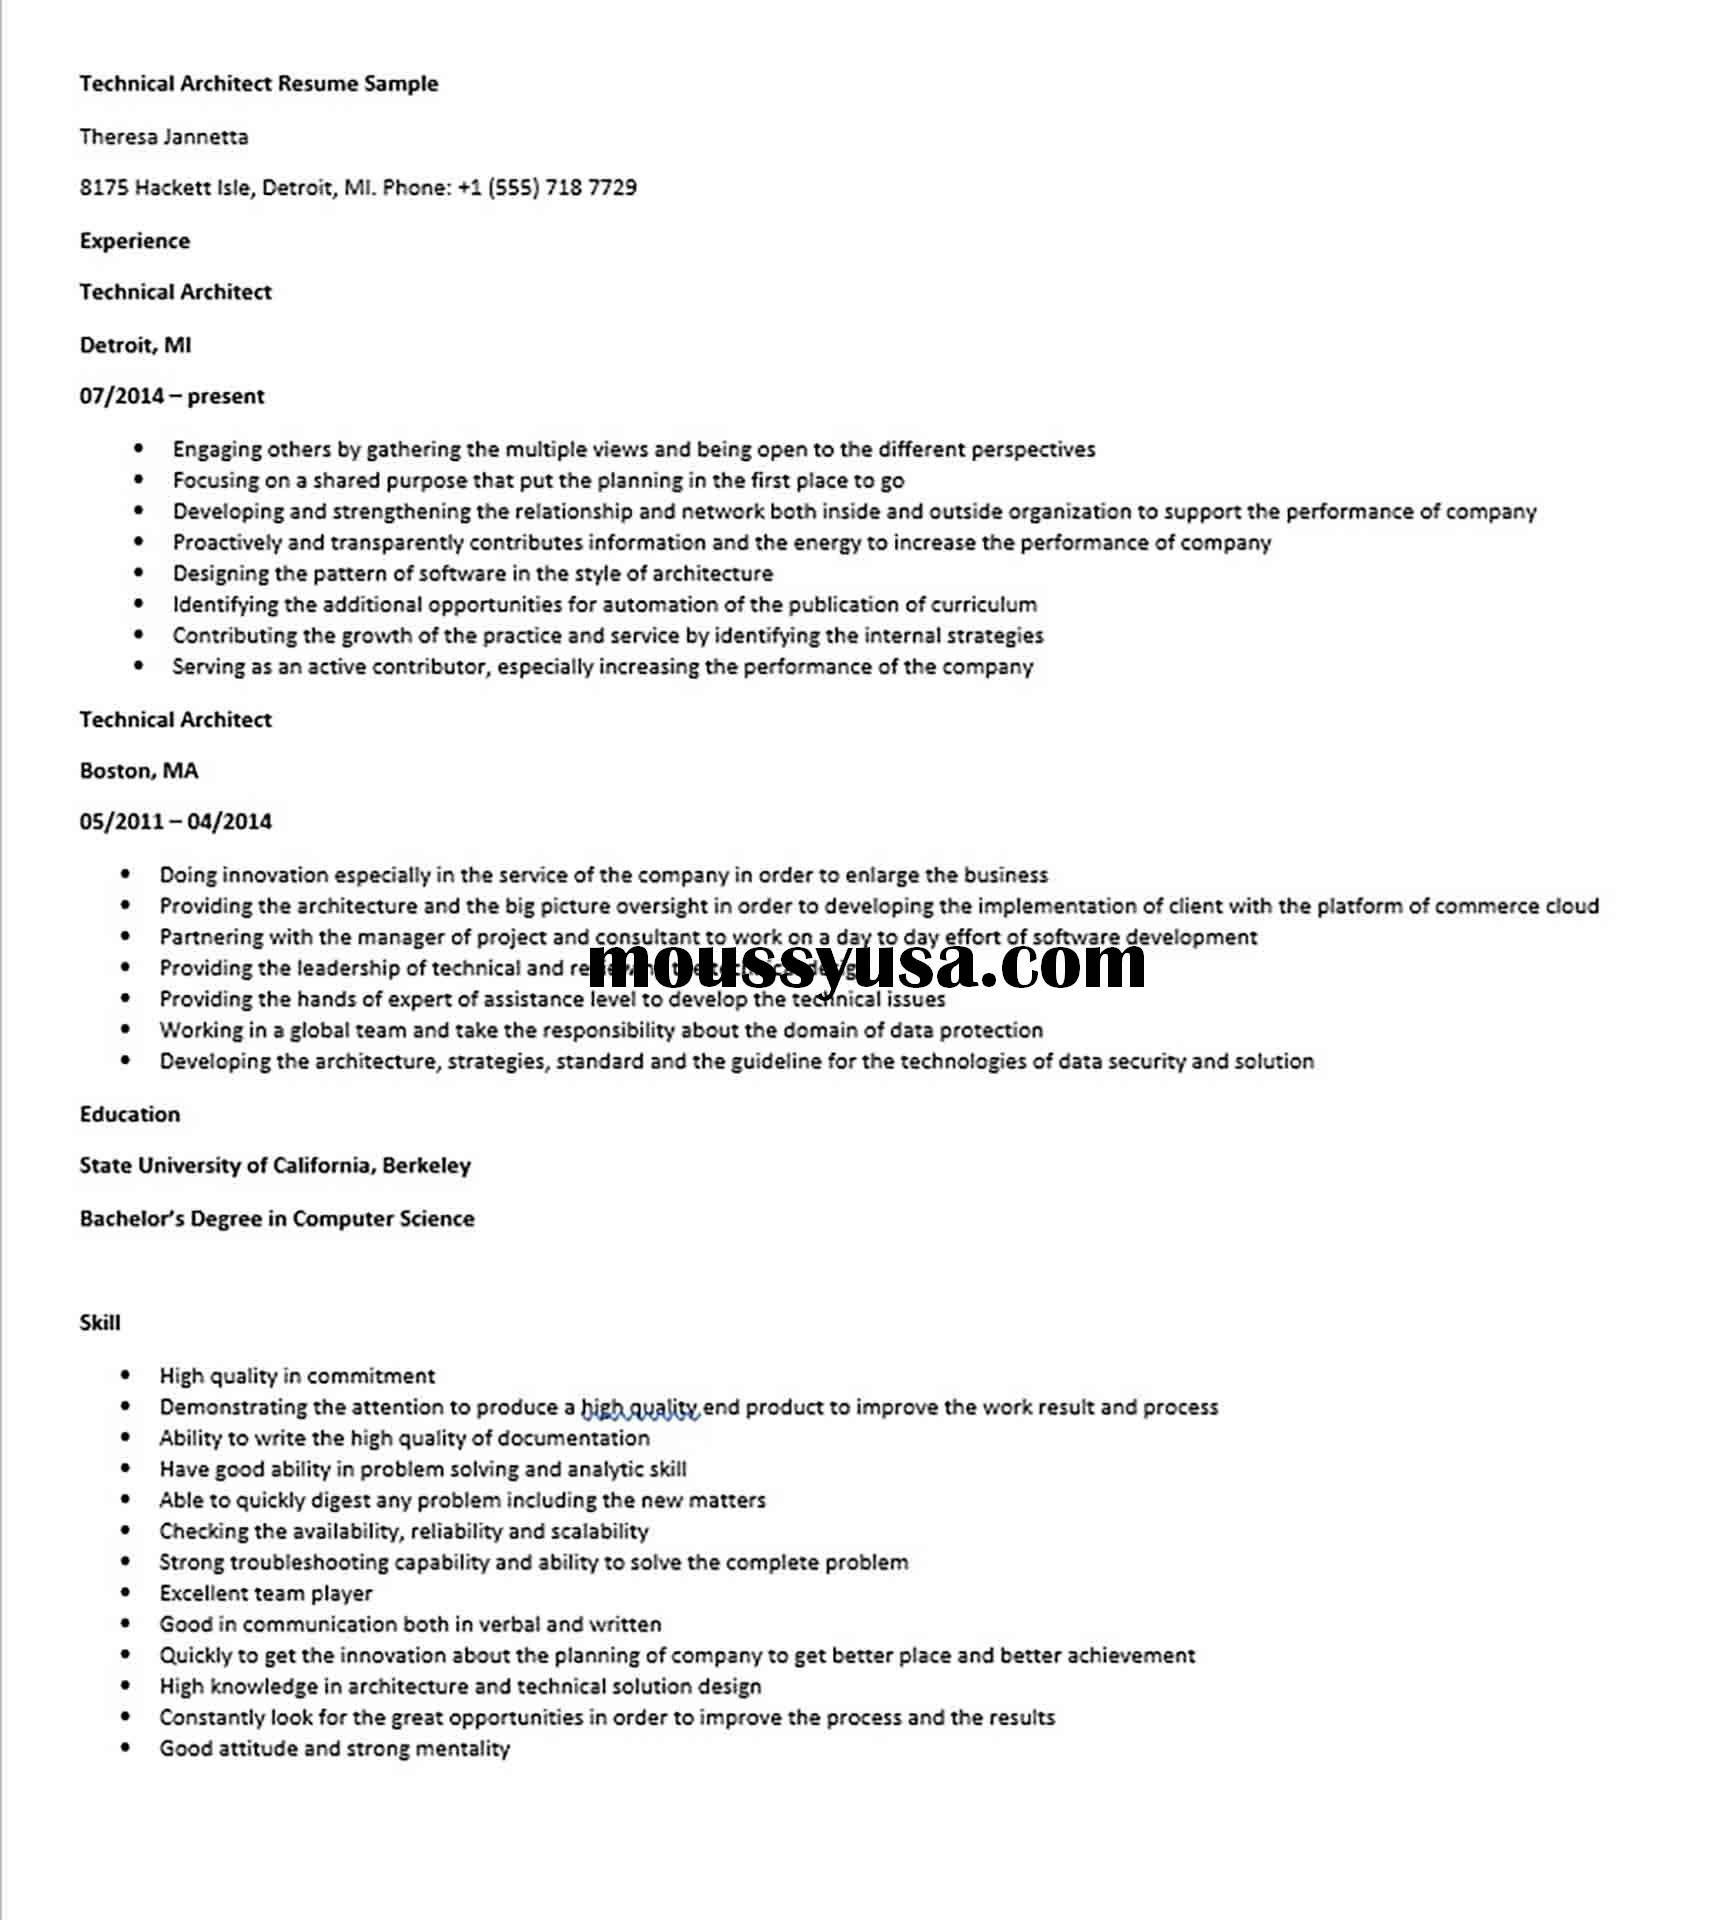 Technical Architect Resume Sample Architect Resume Sample Architect Resume Technical Architect